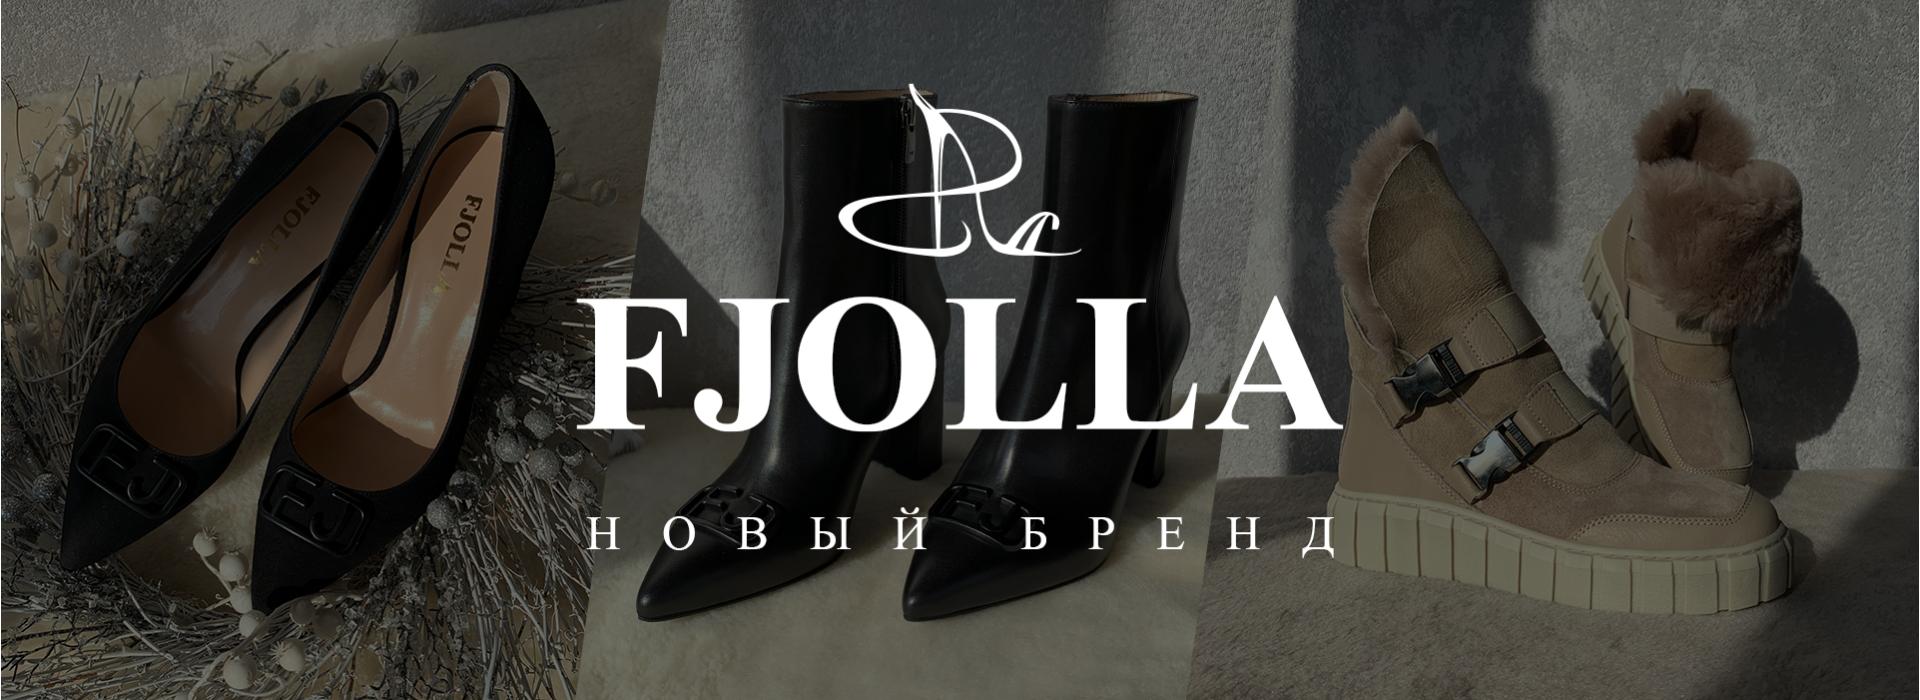 Новый бренд FJOLLA